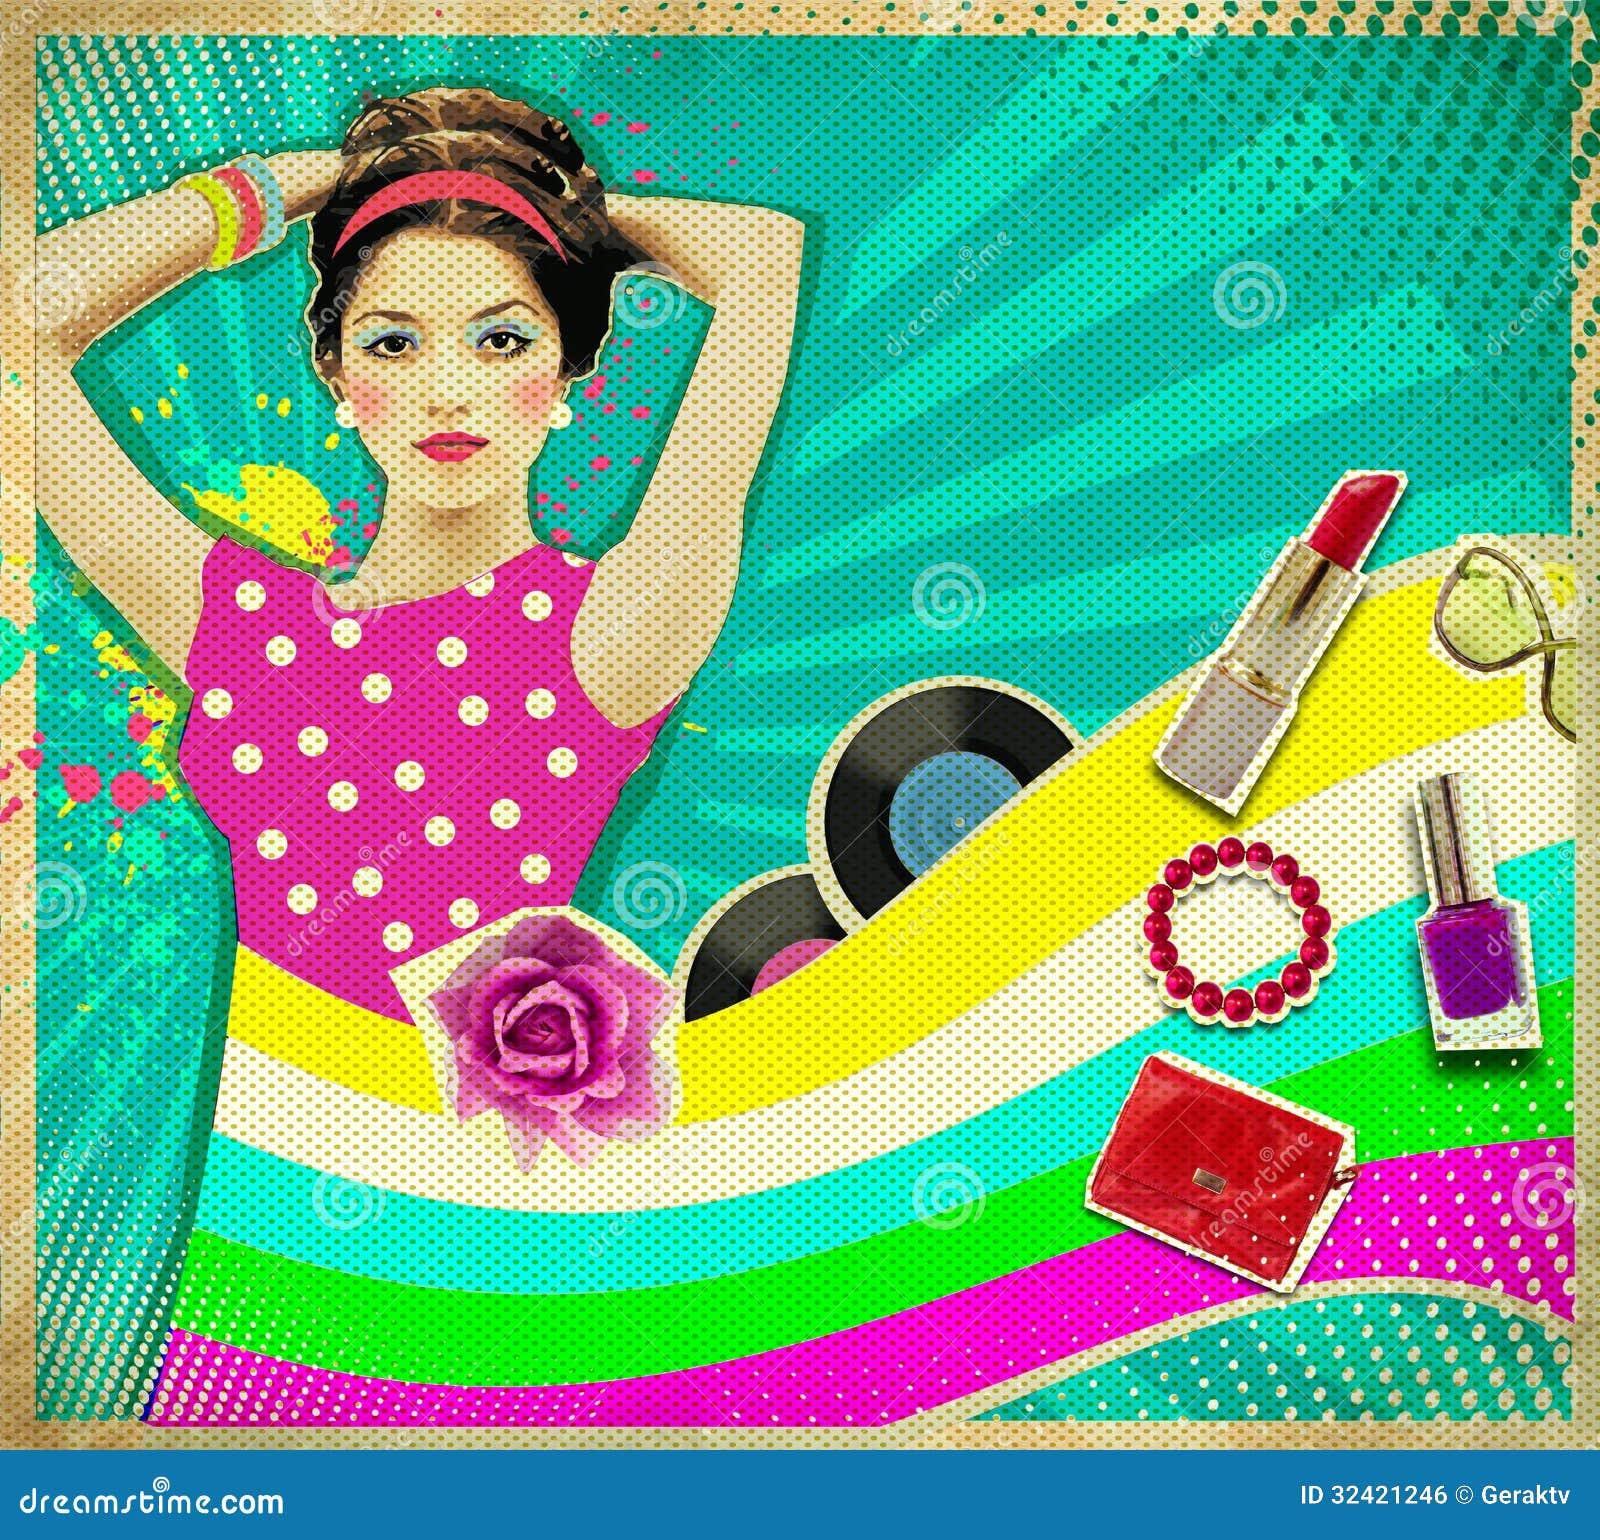 junge frau mit mode accessoires auf retro plakathintergrund lizenzfreies stockbild bild 32421246. Black Bedroom Furniture Sets. Home Design Ideas